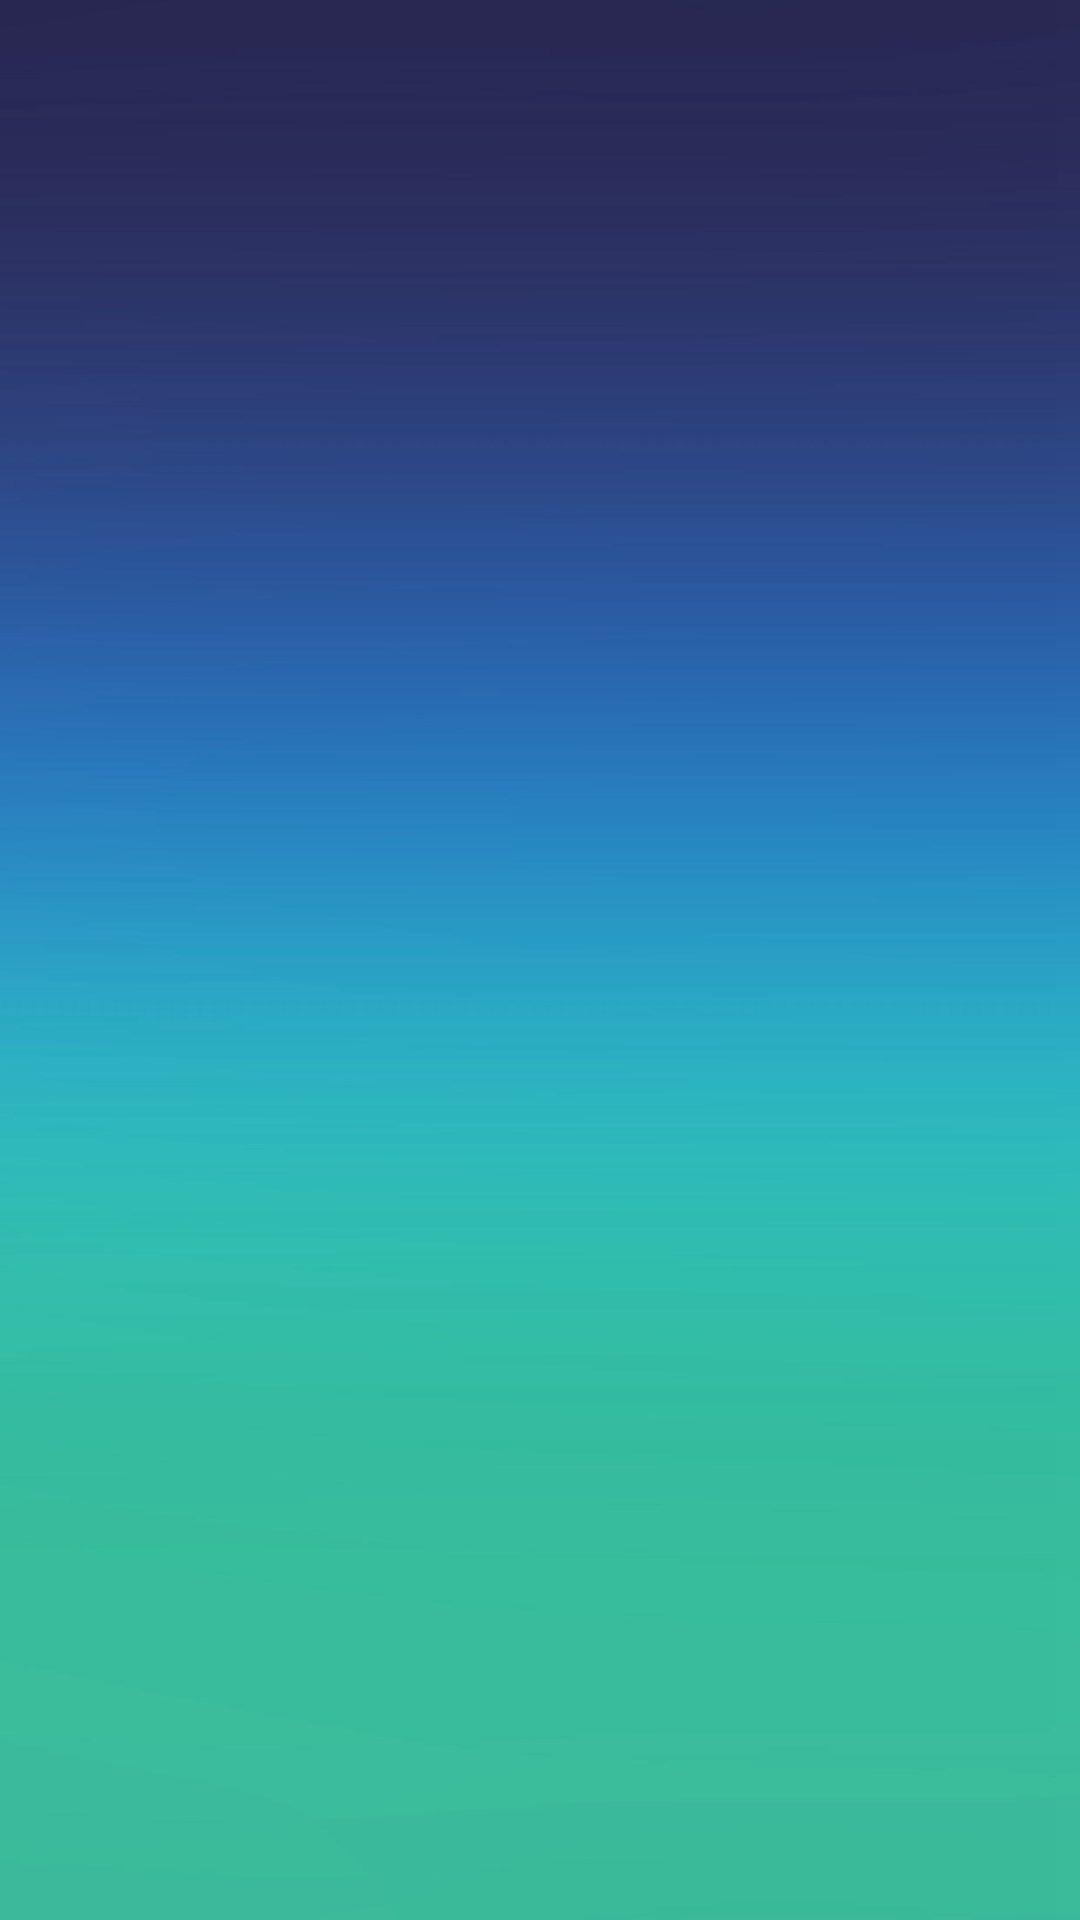 Nintendo Green Blue Gradation Blur Iphone 6 Wallpaper